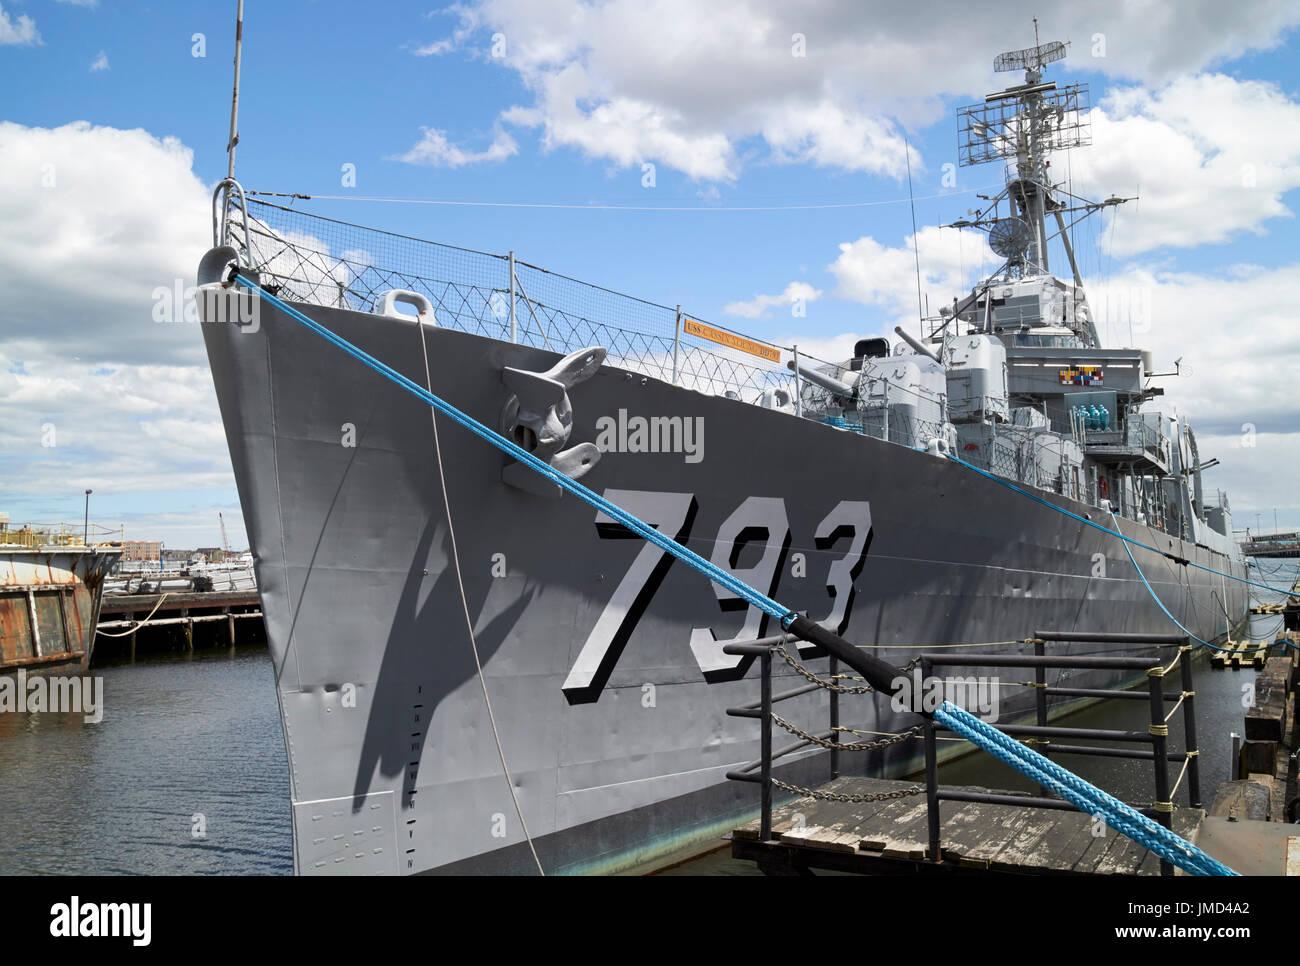 Uss cassin young en Charlestown Navy Yard Boston, EE.UU. Imagen De Stock